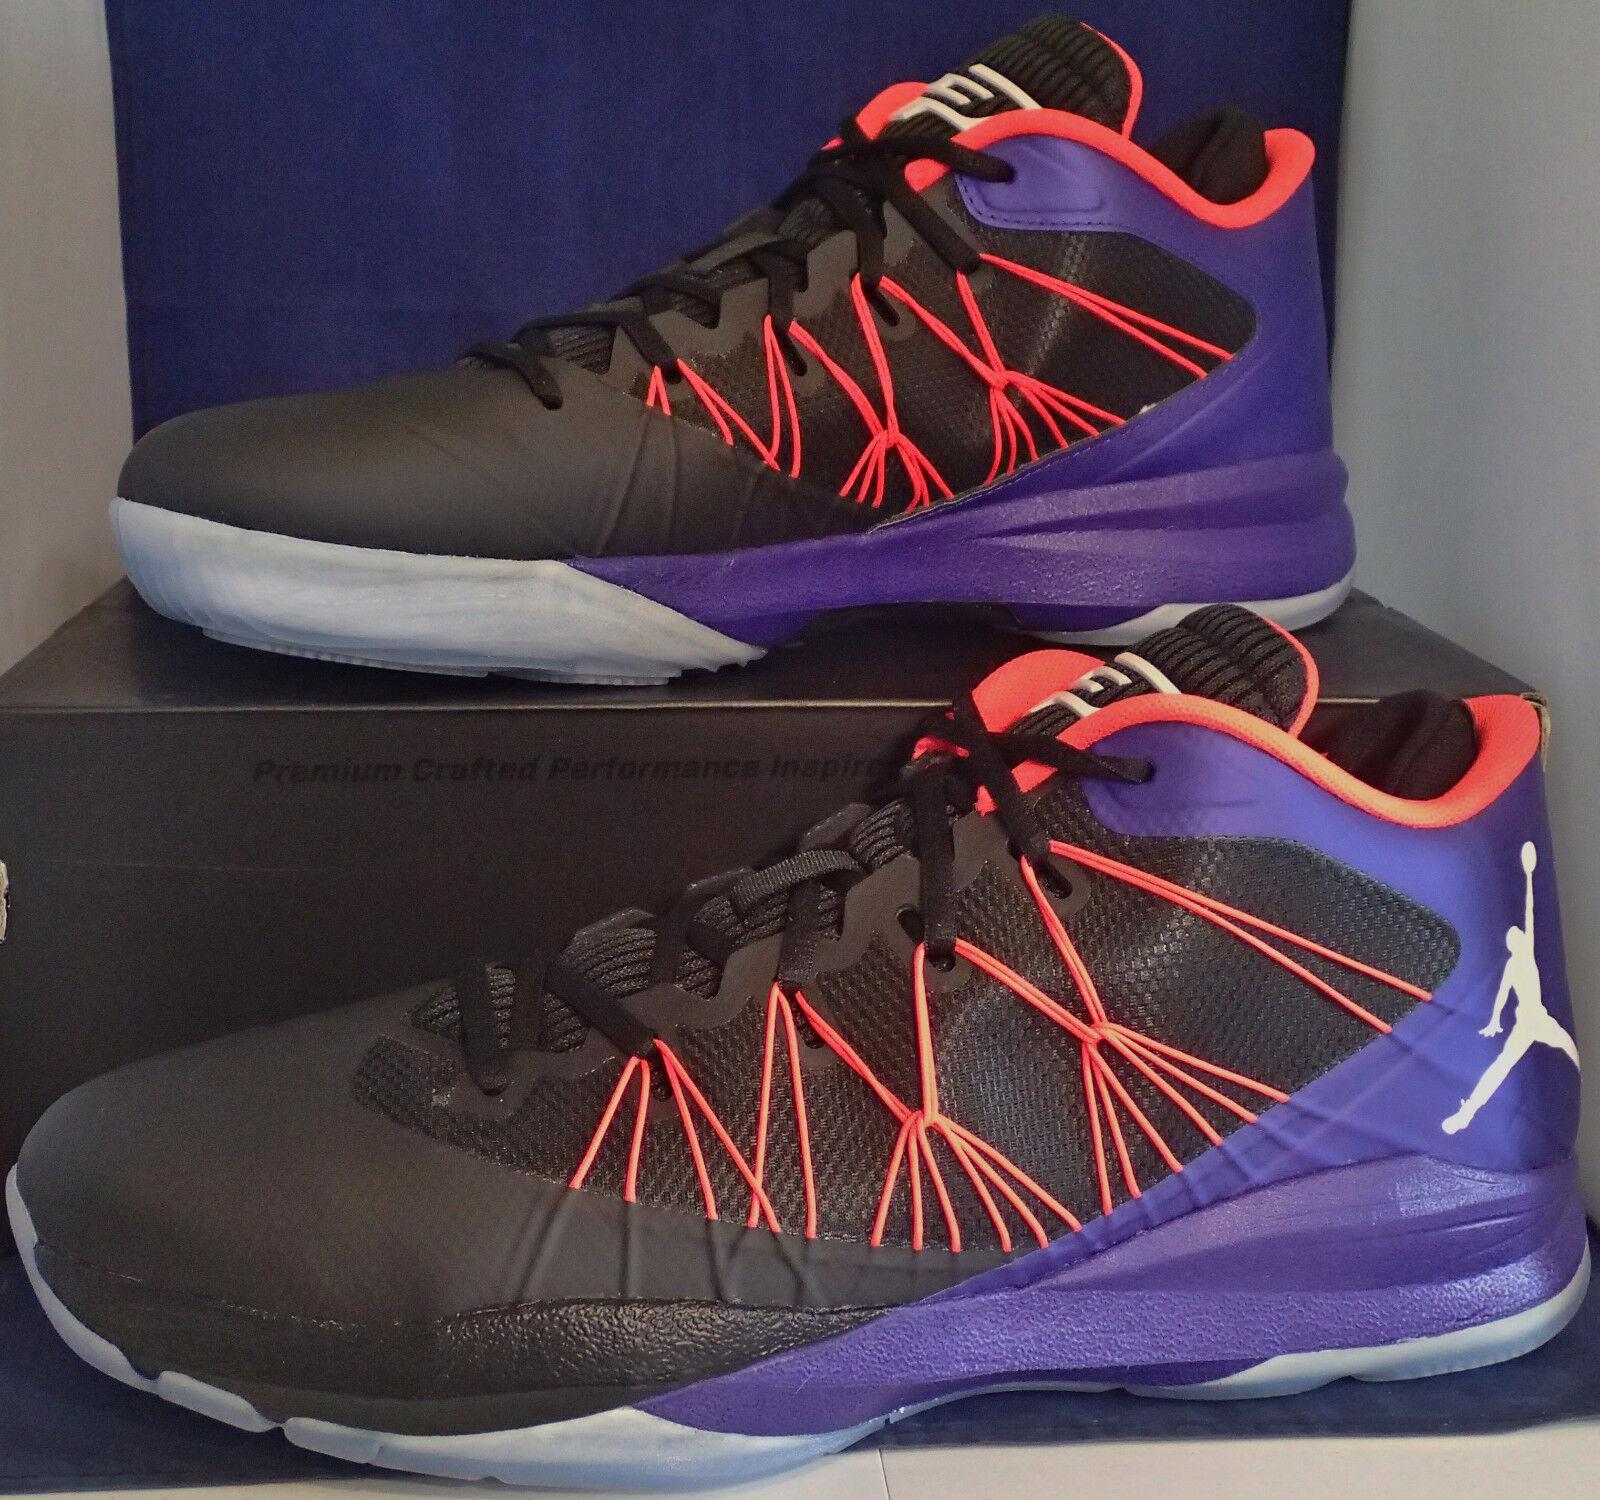 2018 Nike Air Jordan CP3.VII 7 AE Black Dark Concord Infrared SZ 14 (644805-053)